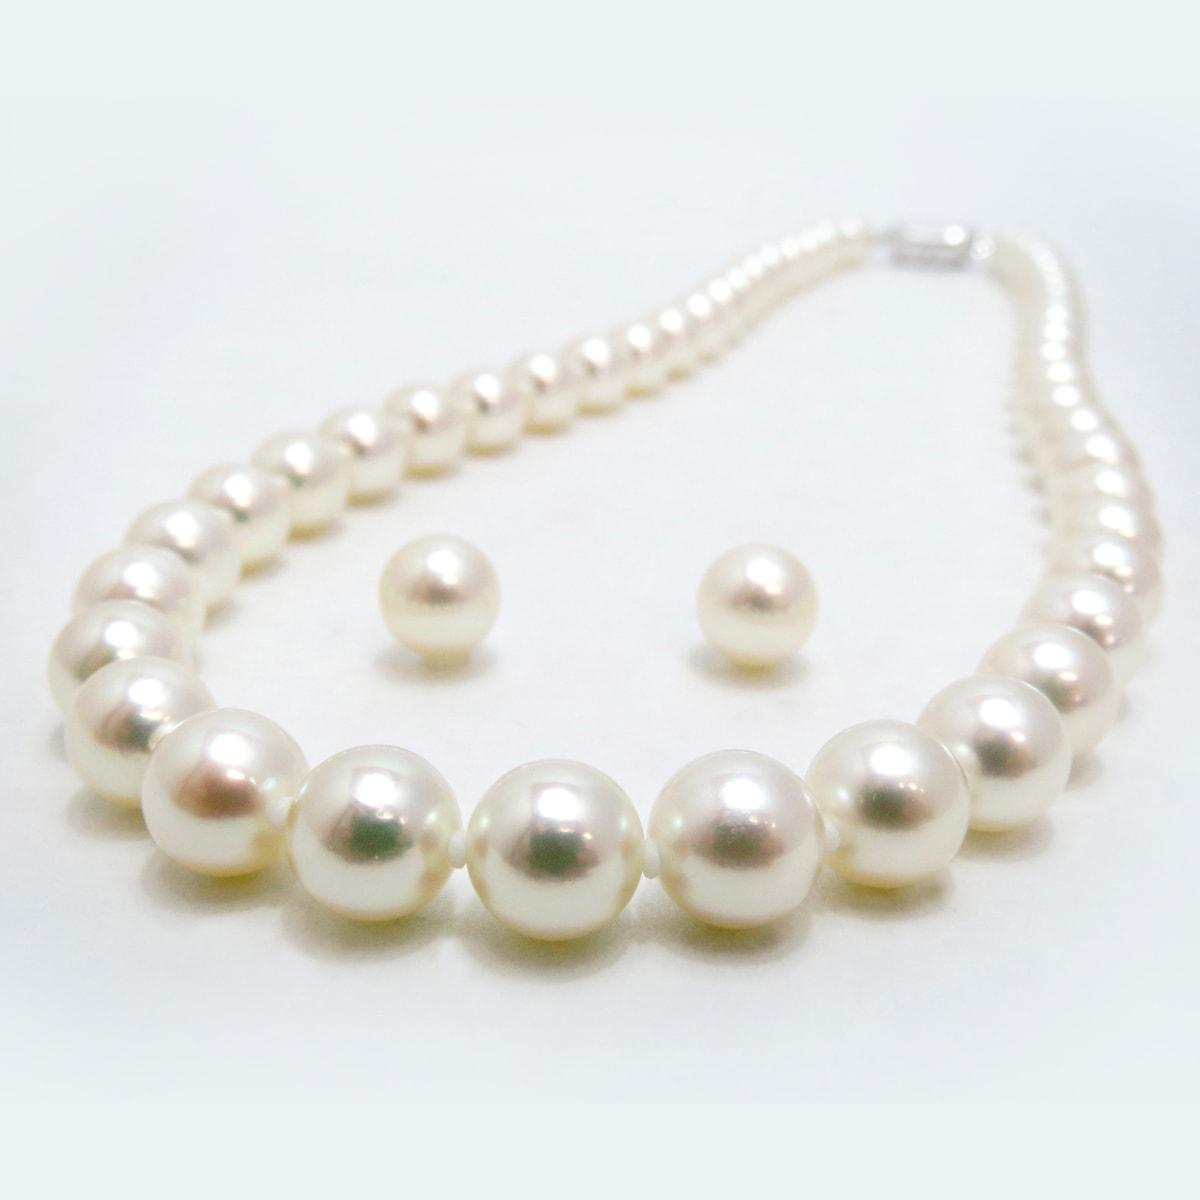 y-sn-216真珠のアップ画像